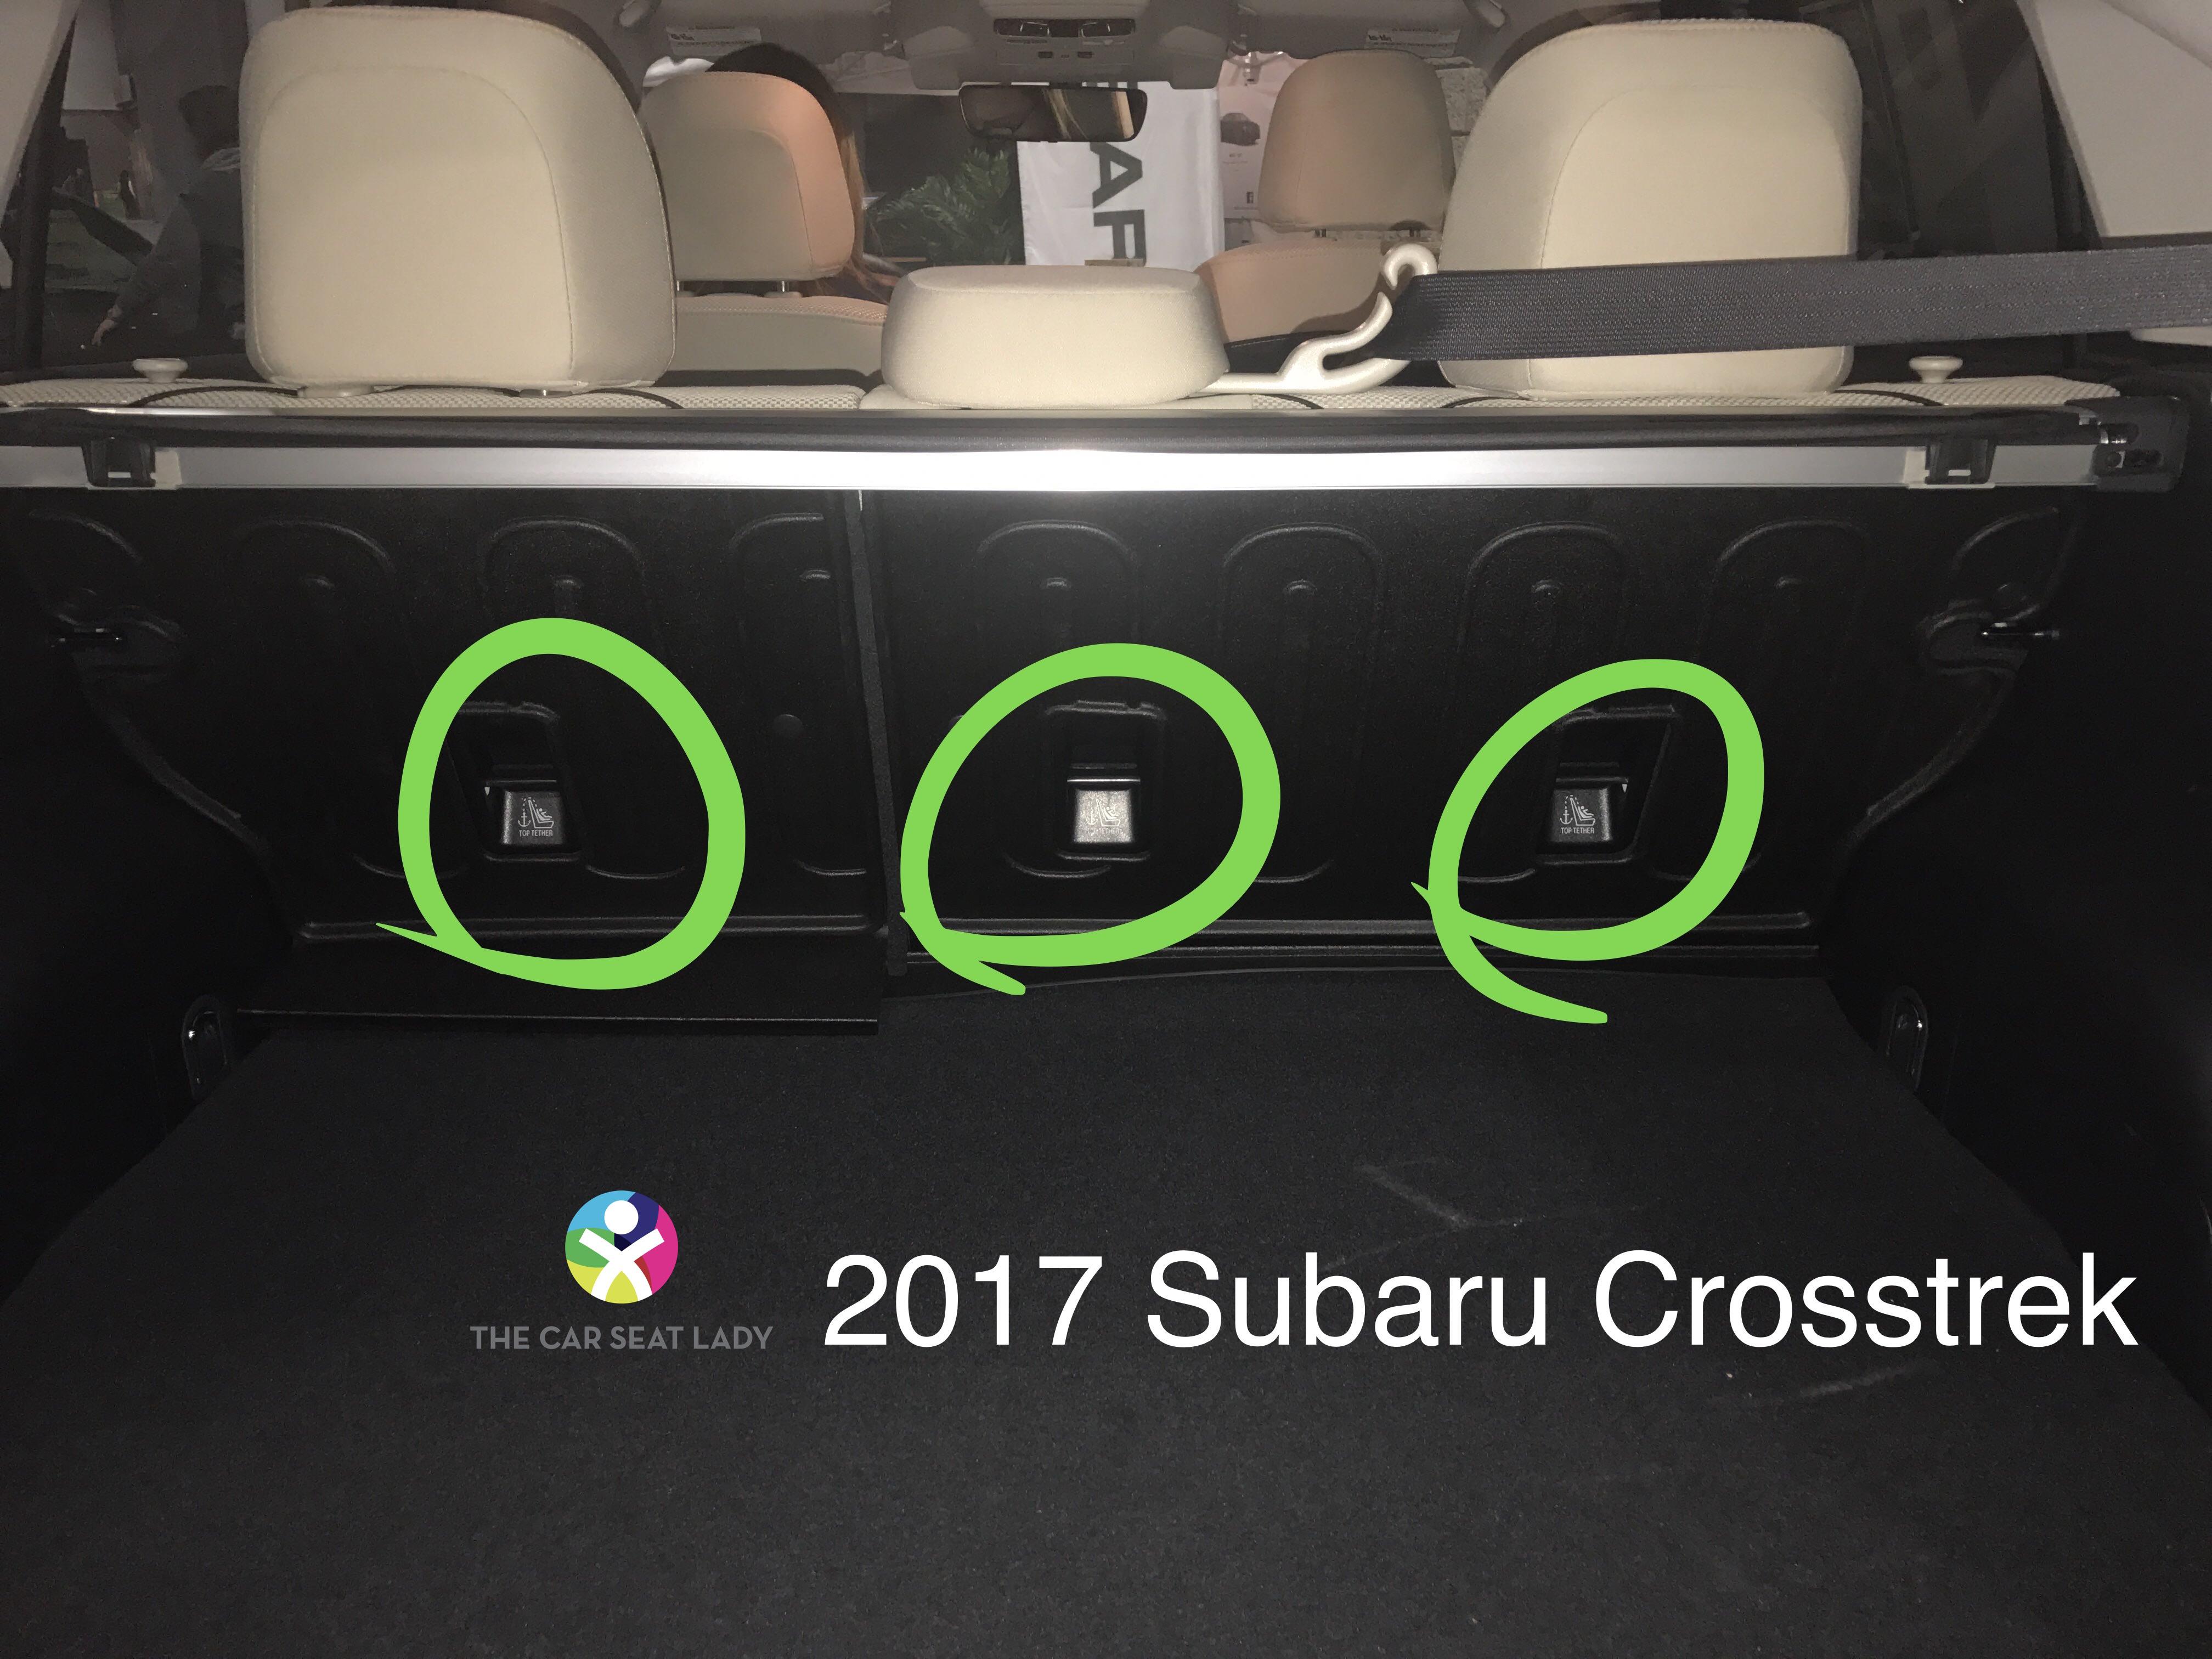 The Car Seat Lady – Subaru Crosstrek